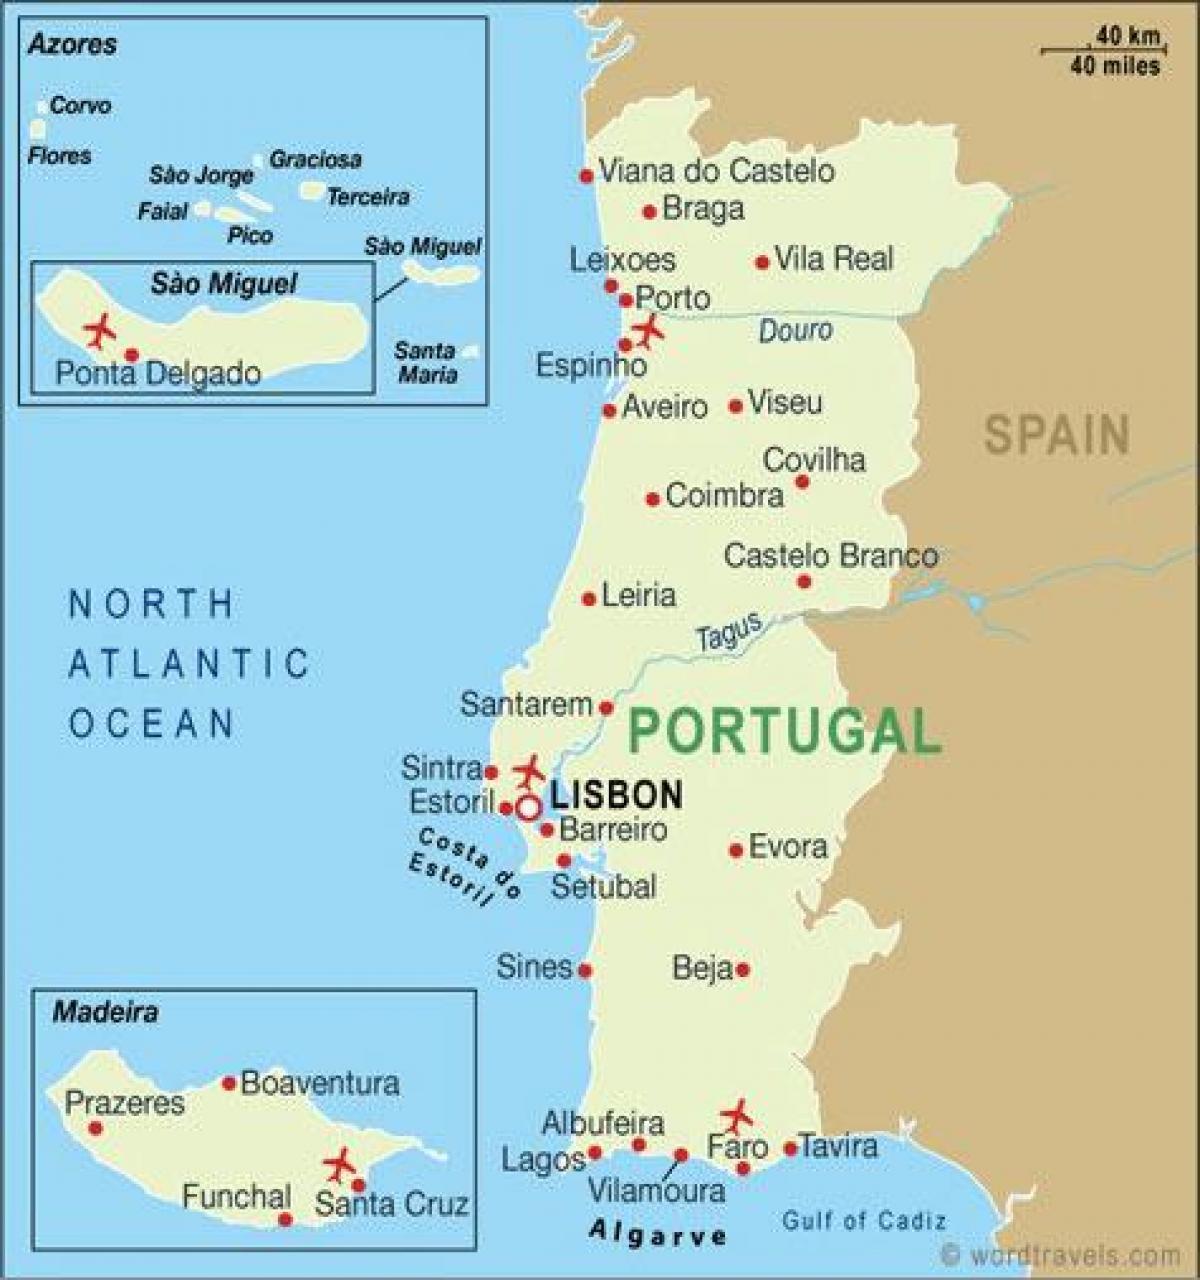 Portugal Algarve Karta.Flygplatser I Portugal Karta Karta Over Portugal Flygplatser